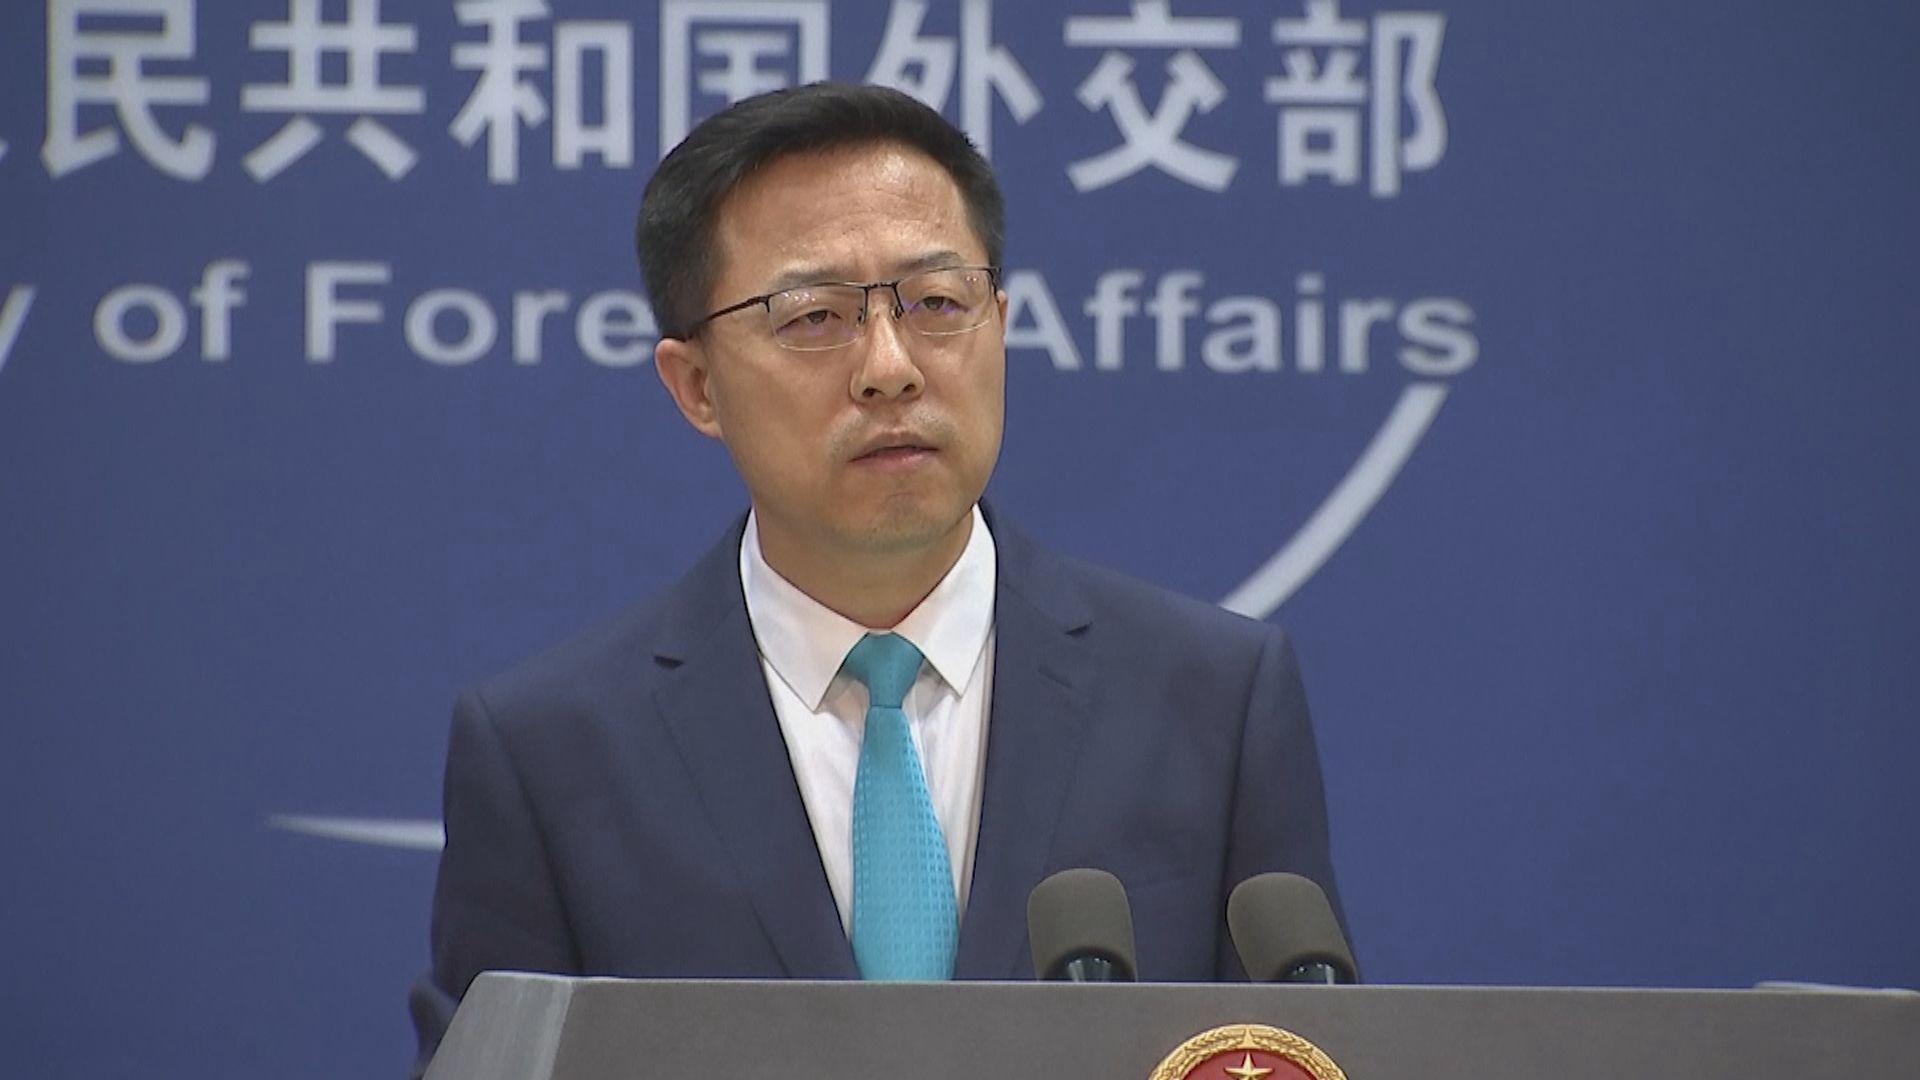 外交部:高度重視核安全 台山核電站周邊輻射水平無異常